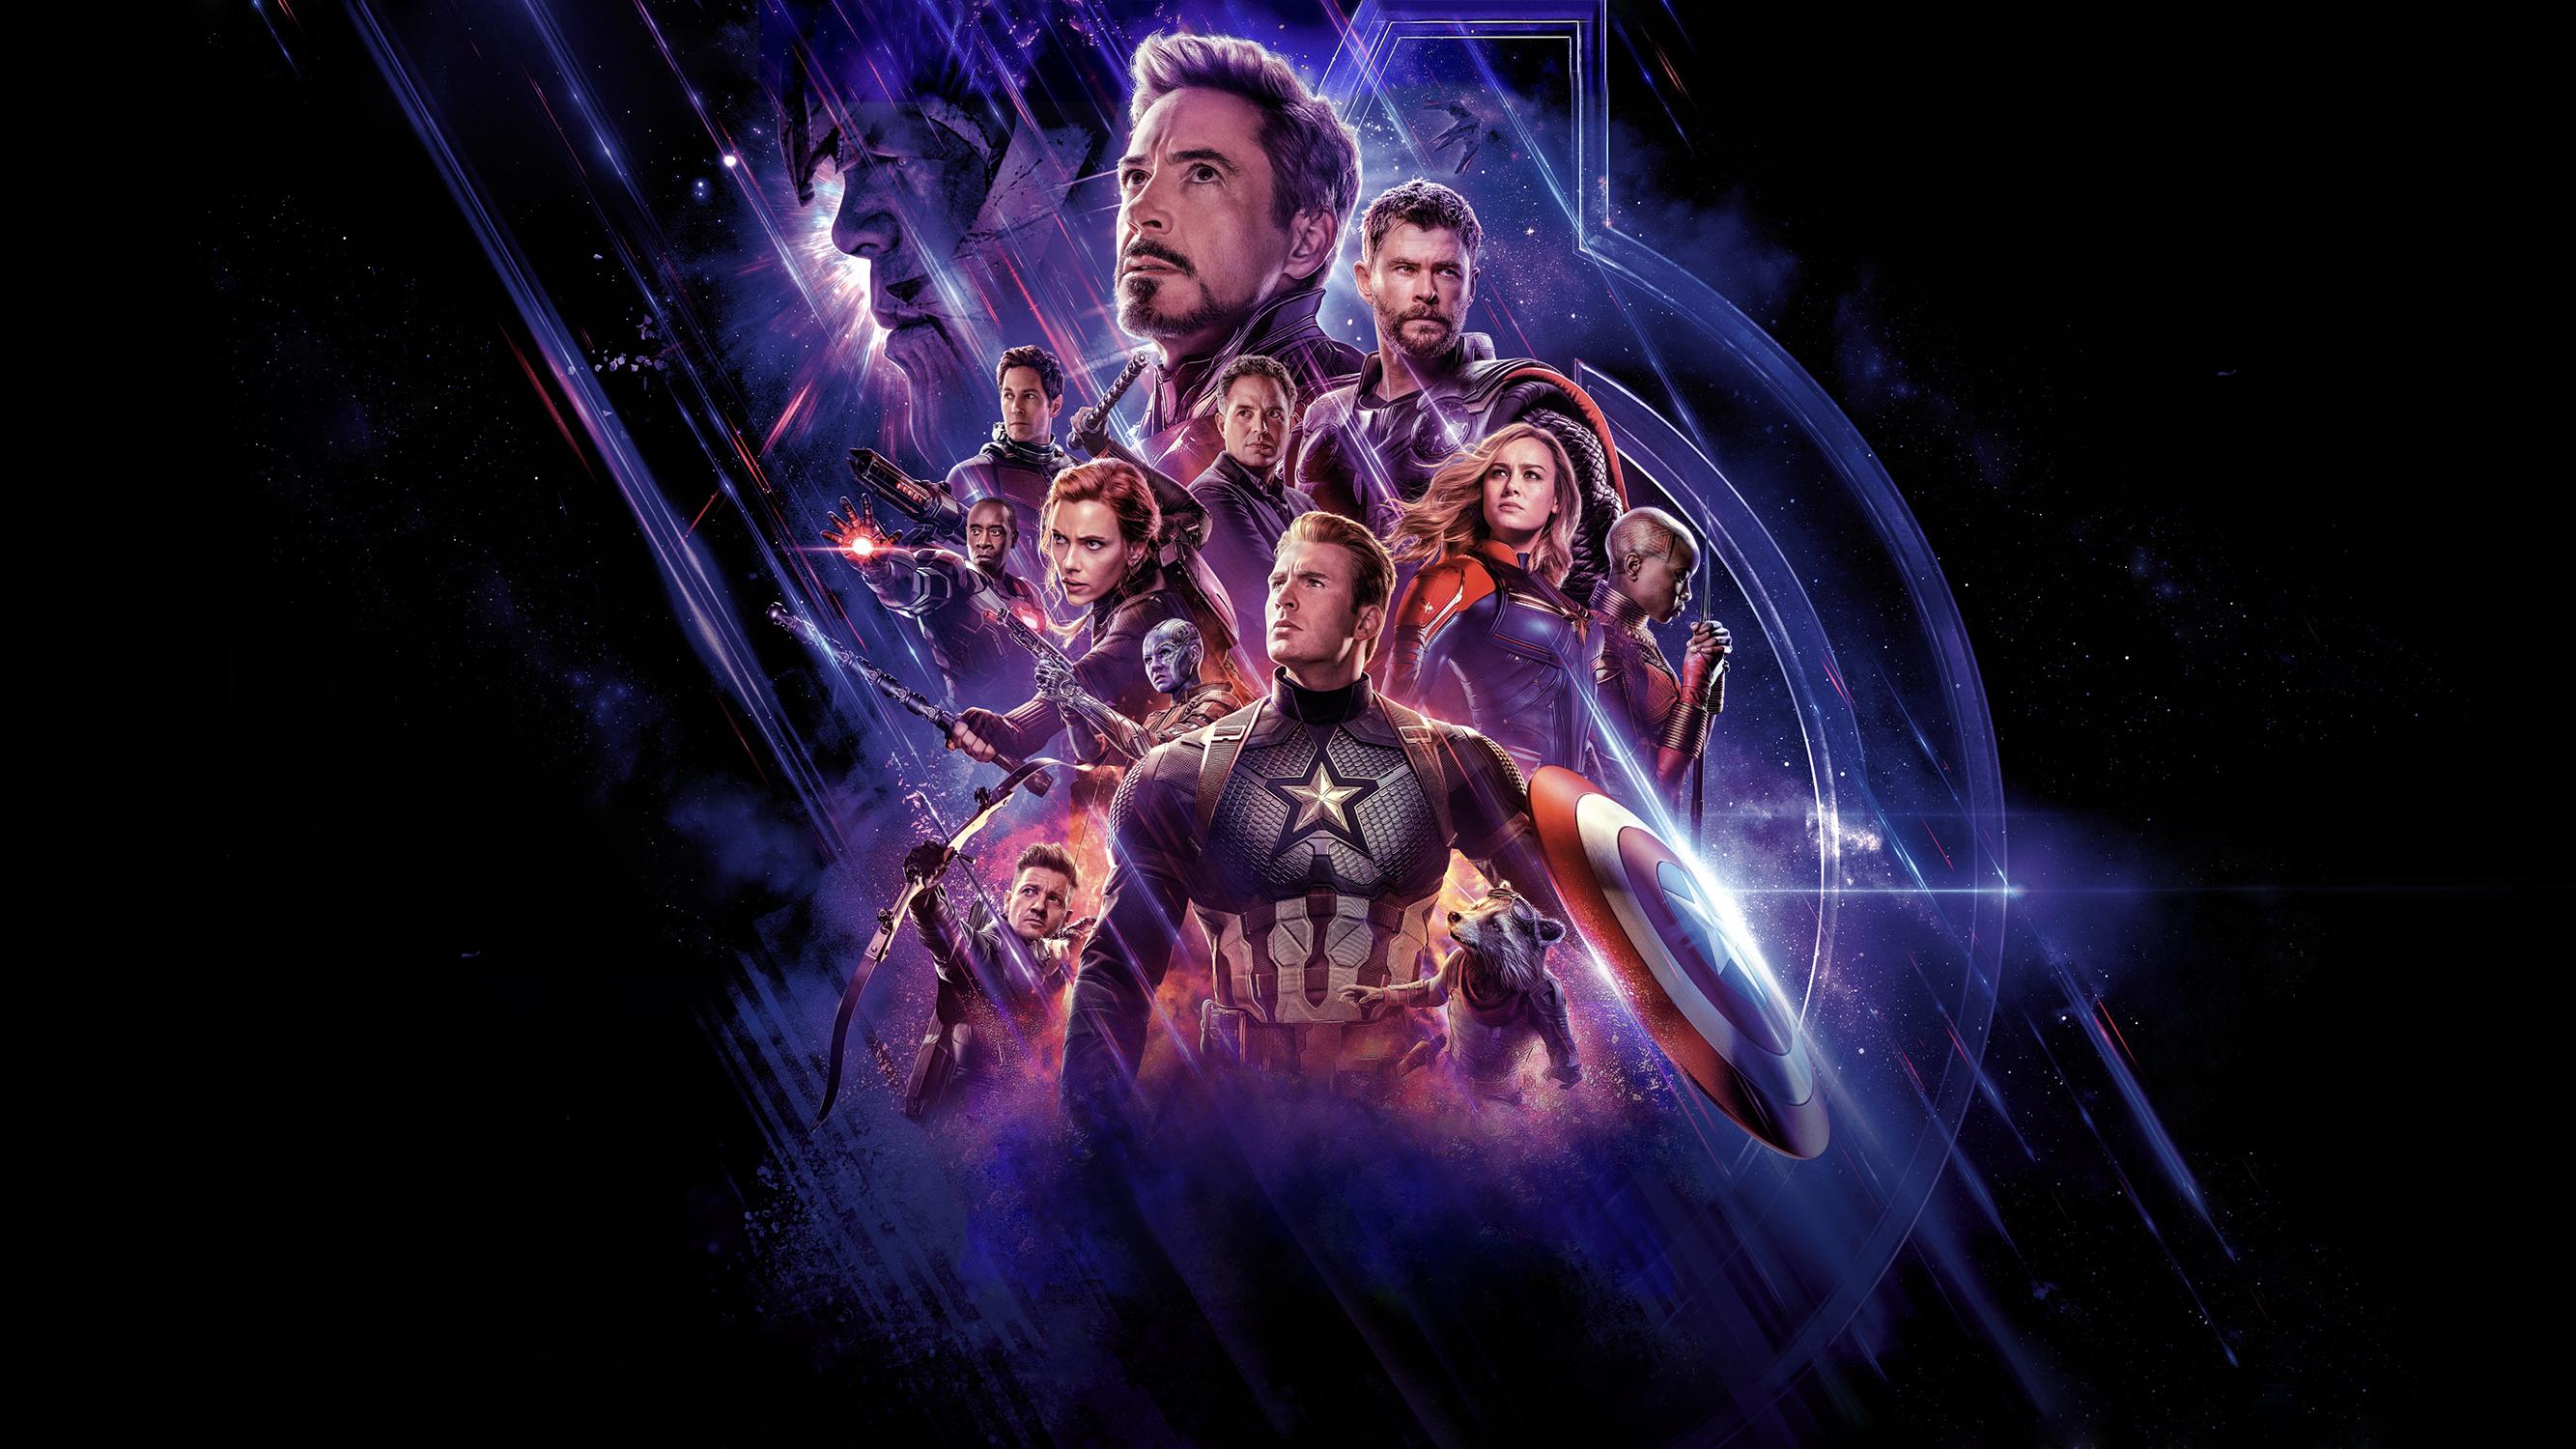 Ant Man Avengers Avengers Endgame Black Widow Brie Larson Bruce Banner Captain America Captain Marve 2667x1500